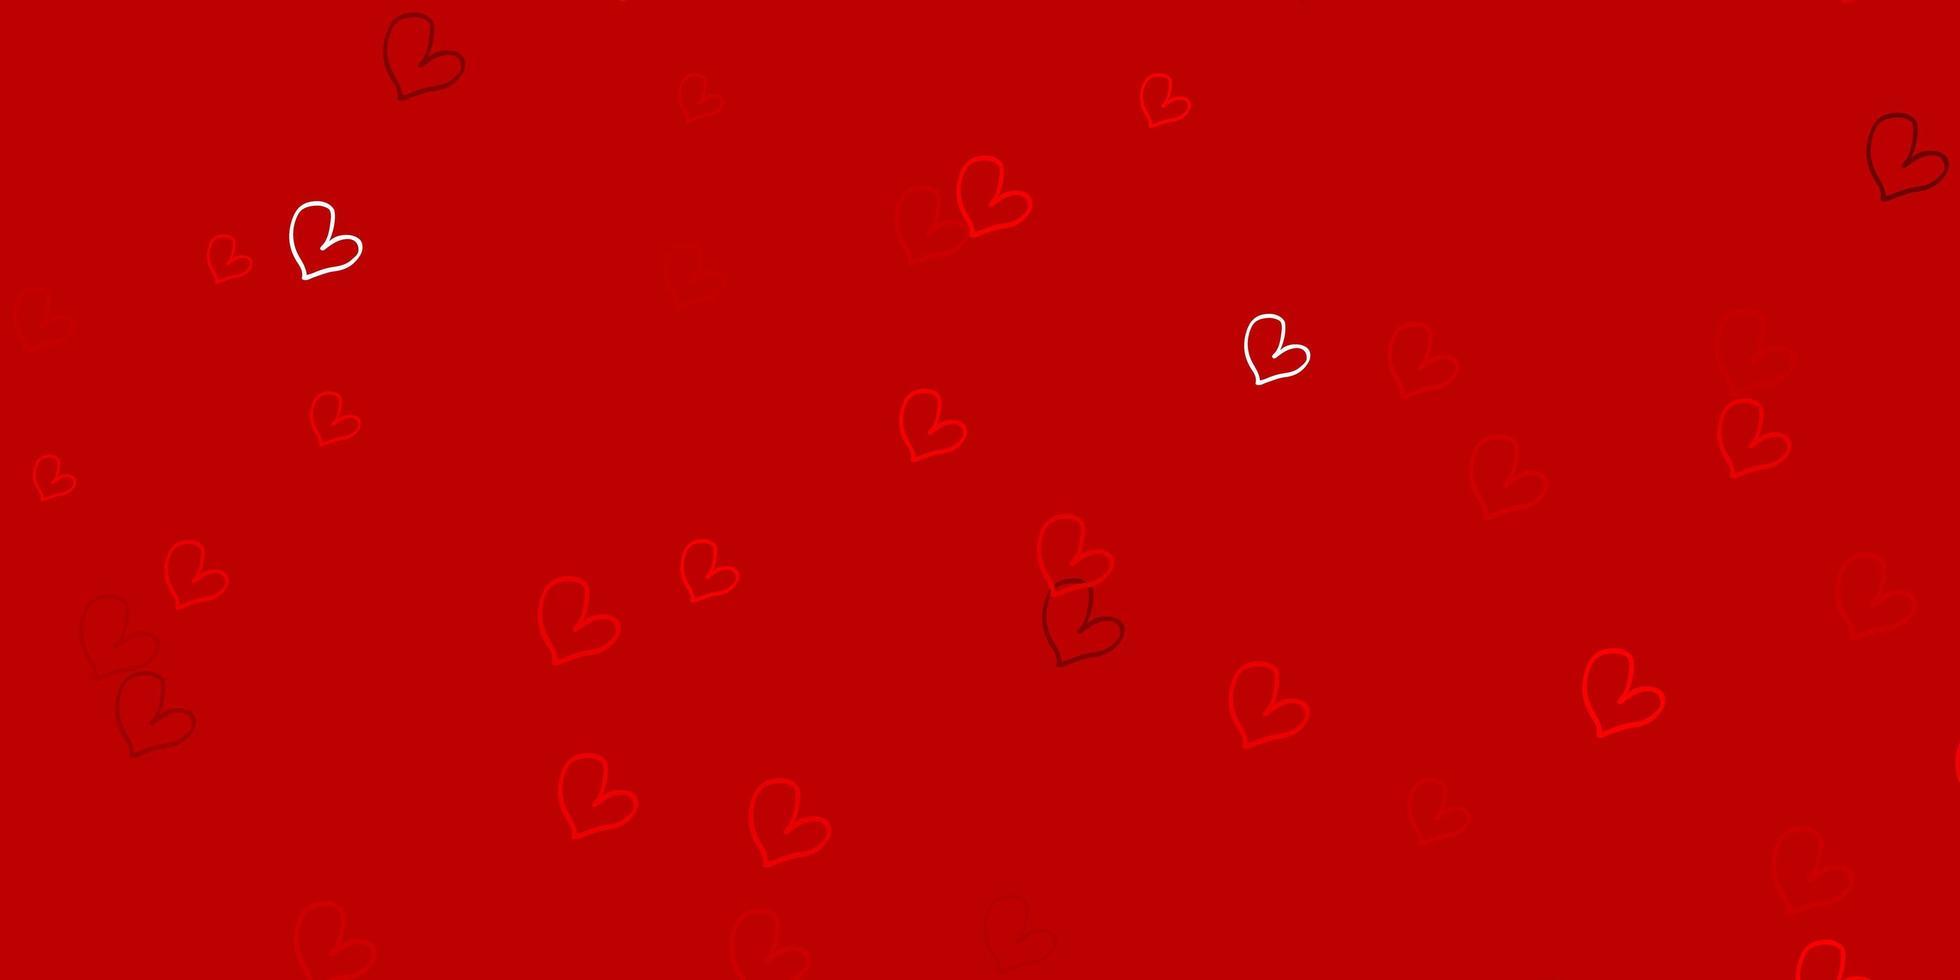 Plantilla de vector rojo claro con corazones de doodle.